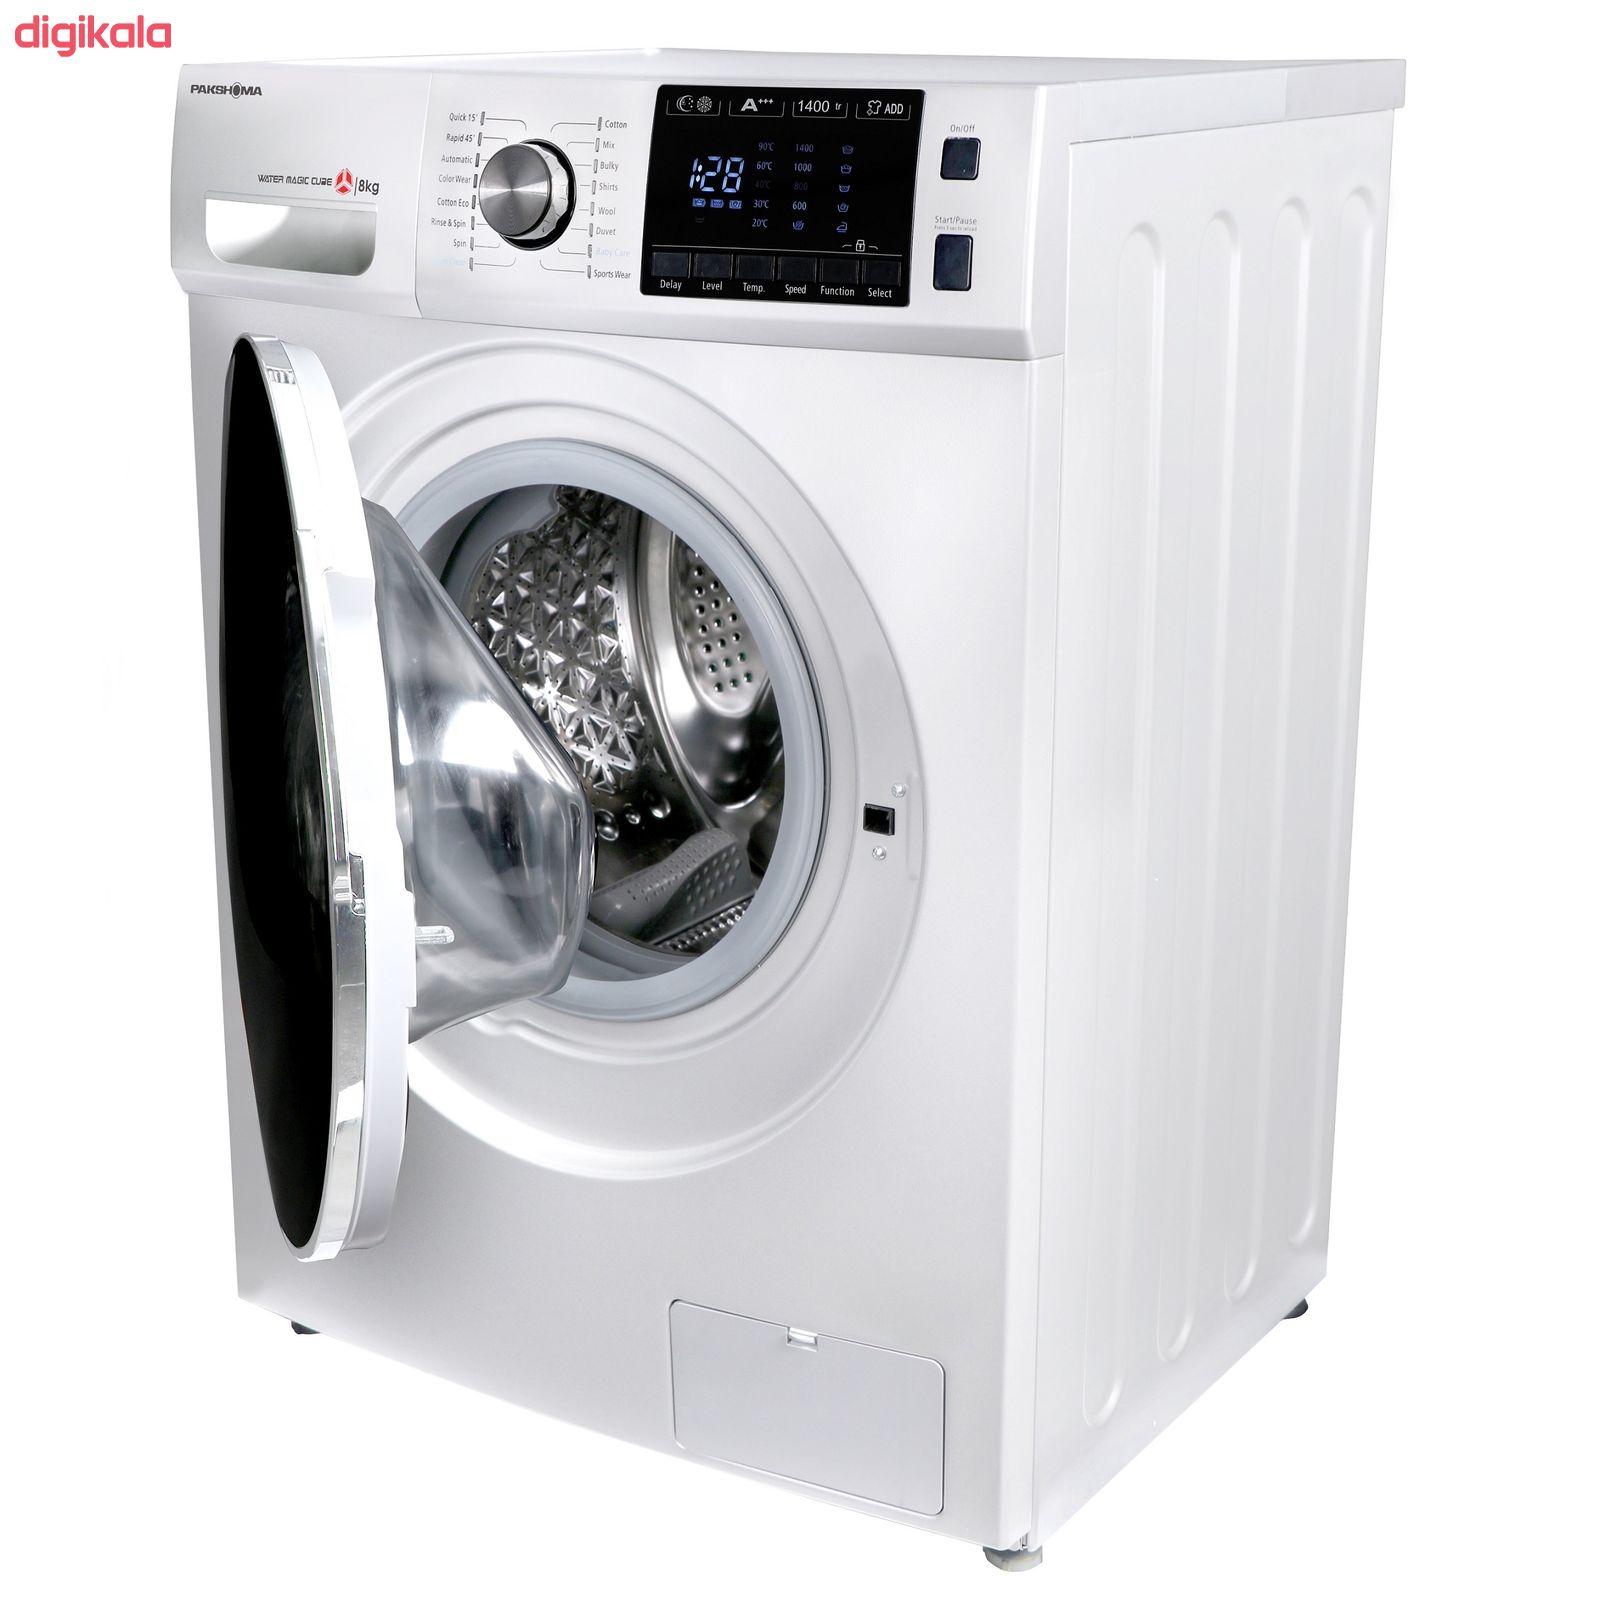 ماشین لباسشویی پاکشوما مدل TFU-84406 ظرفیت 8 کیلوگرم main 1 5